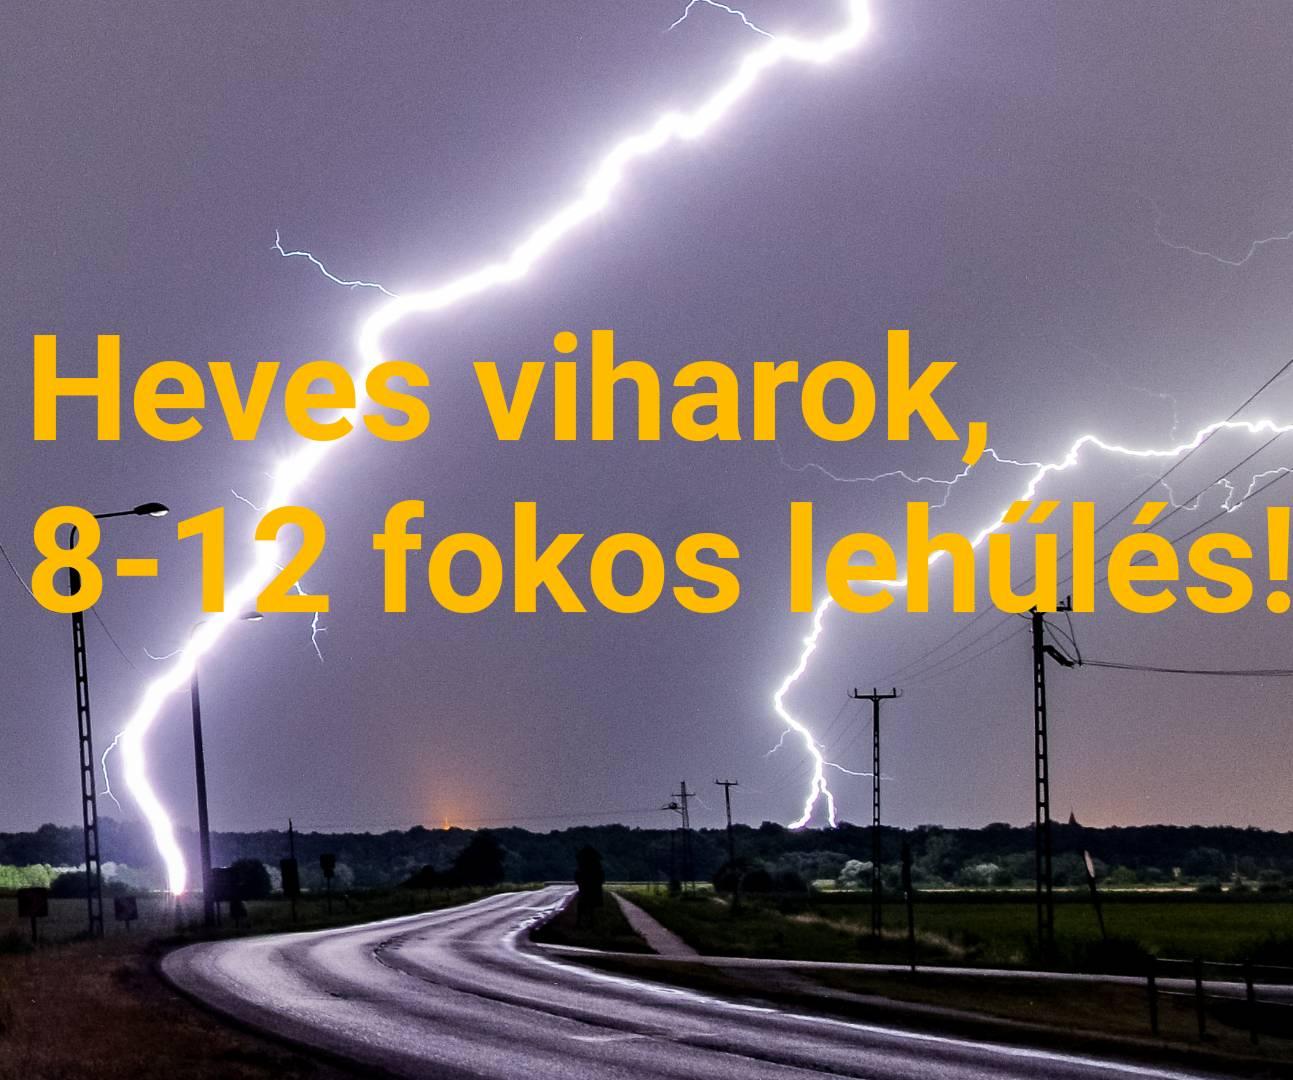 Heves viharokkal jelentős lehűlés érkezik! 4